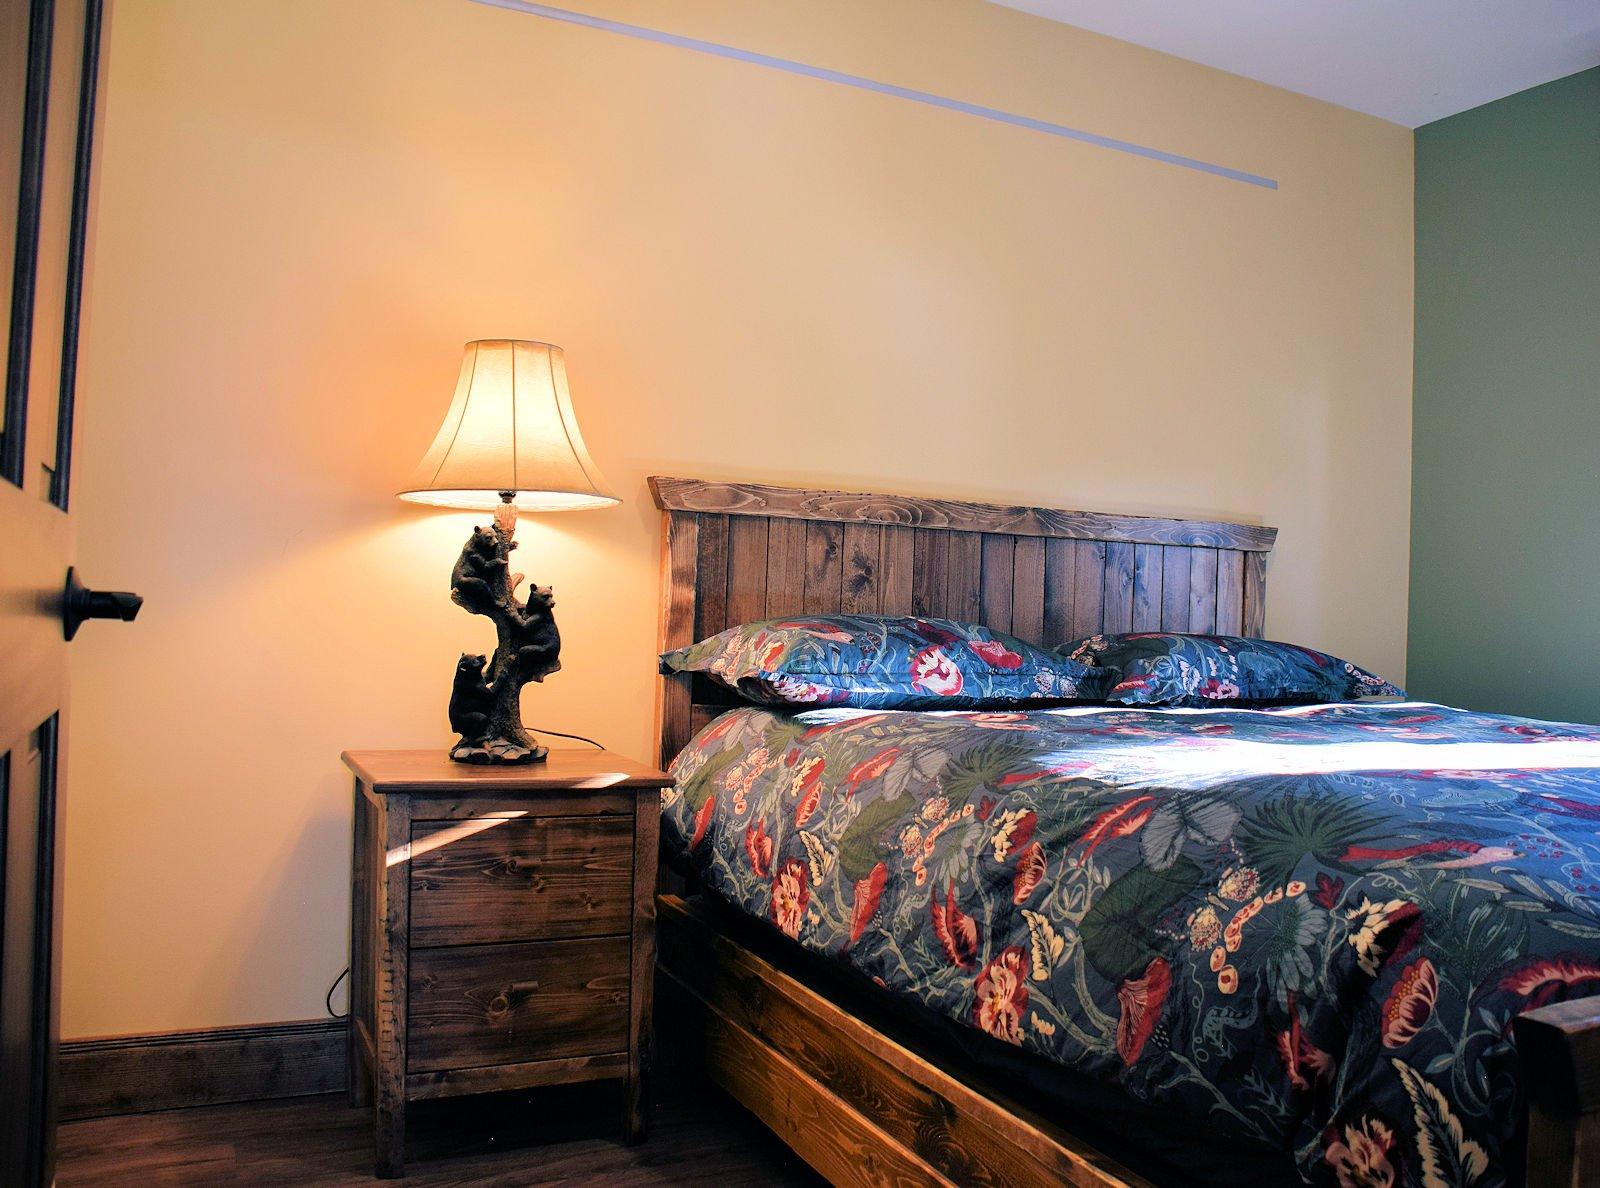 https://0901.nccdn.net/4_2/000/000/03f/ac7/queen-bedroom-1600x1188.jpg